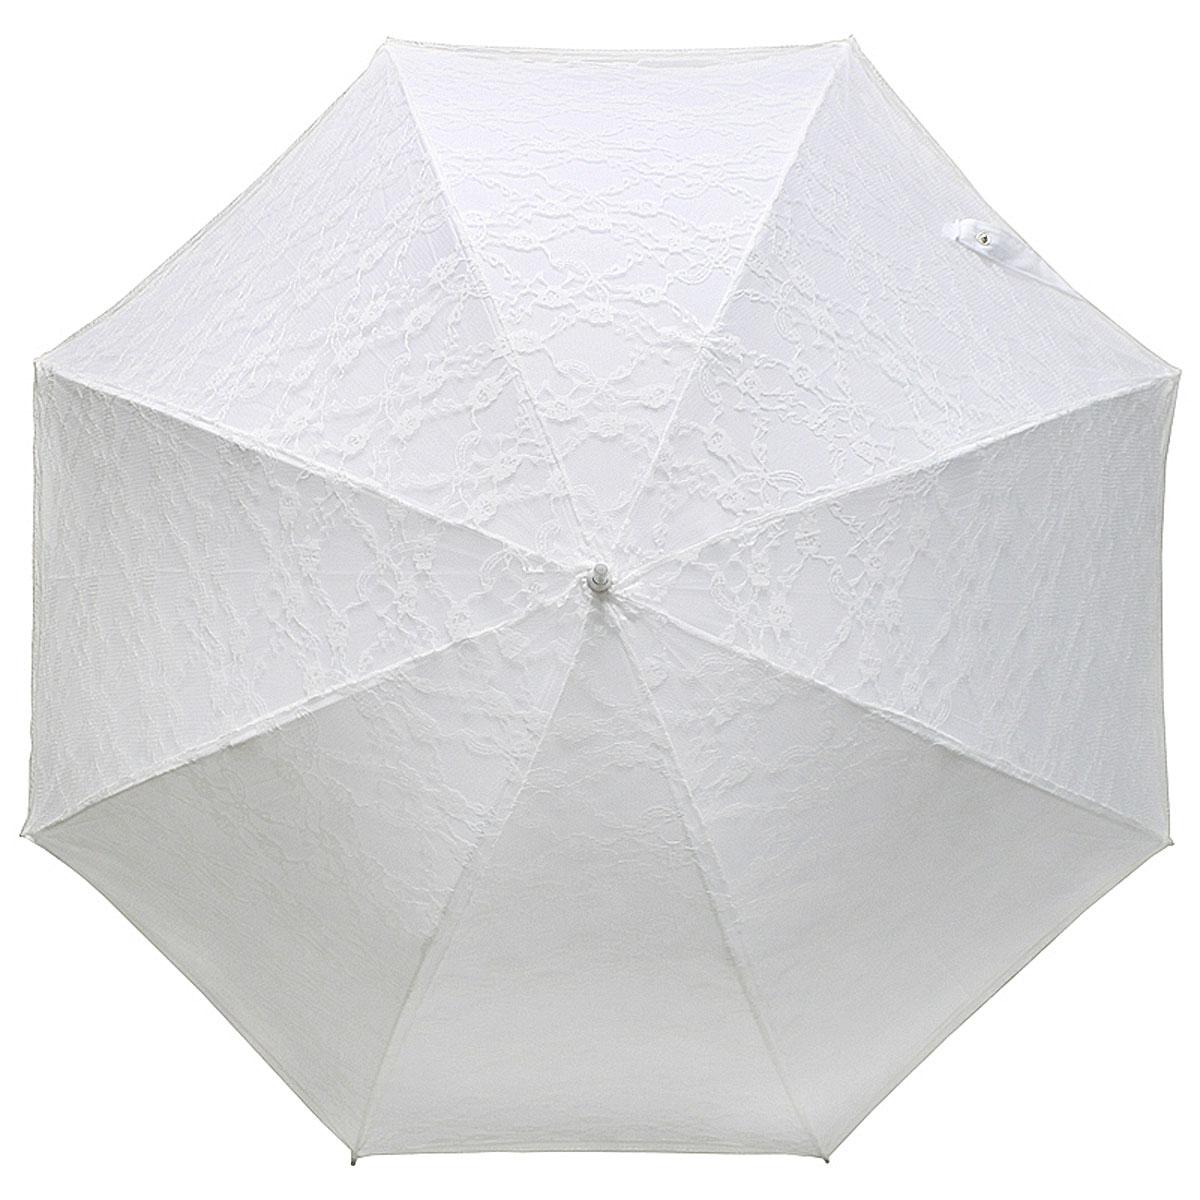 Зонт-трость женский Vogue, свадебный, цвет: белый. 101/1 V101-1 VСтильный свадебный зонт-трость испанского производителя Vogue оснащен каркасом с противоветровым эффектом. Каркас зонта включает 8 спиц. Стержень изготовлен из легкого алюминия, купол выполнен из прочного полиэстера. Зонт является механическим: купол открывается и закрывается вручную до характерного щелчка.